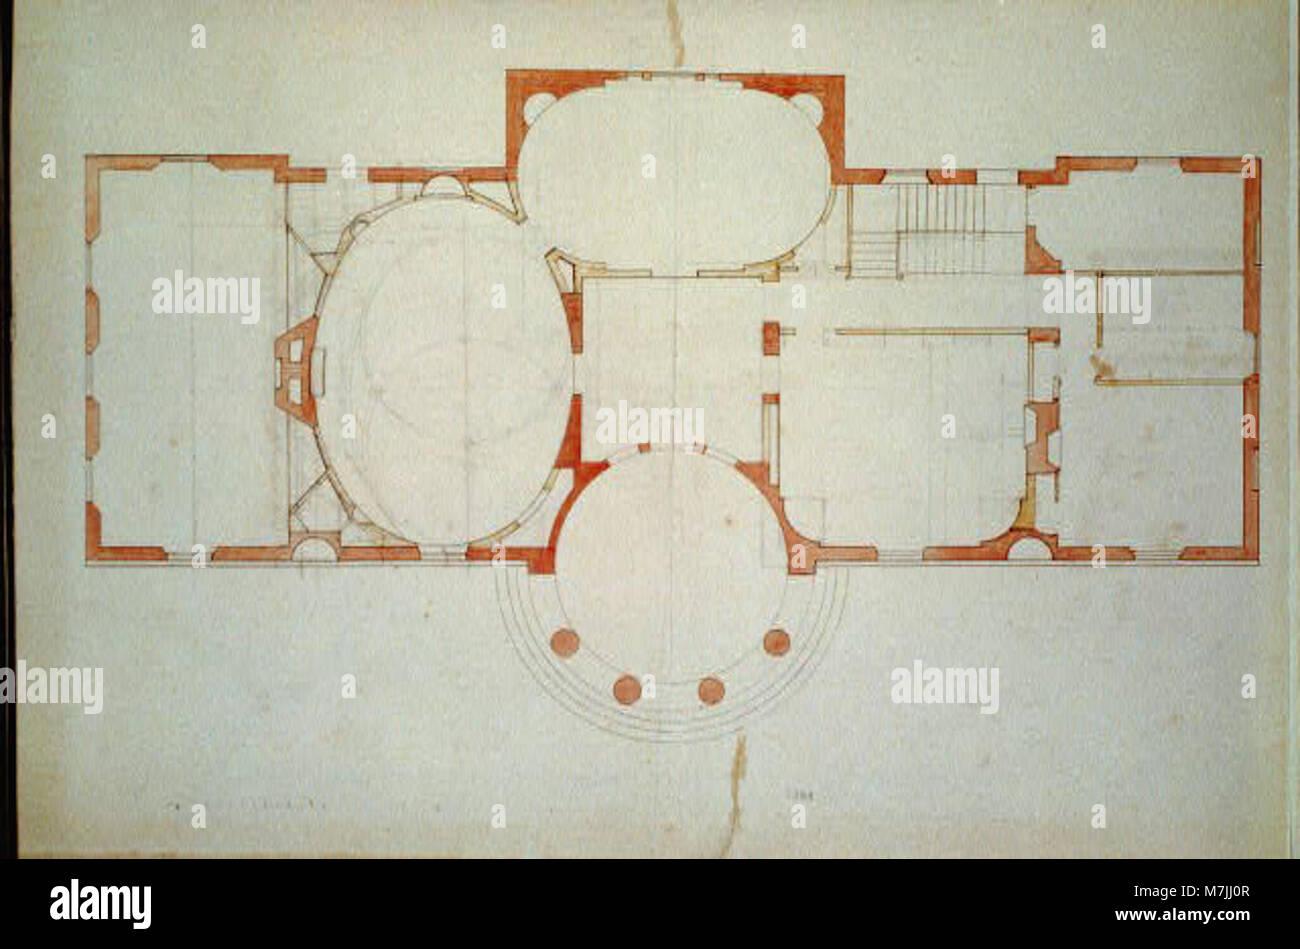 Tudor House Floor Stock Photos Amp Tudor House Floor Stock